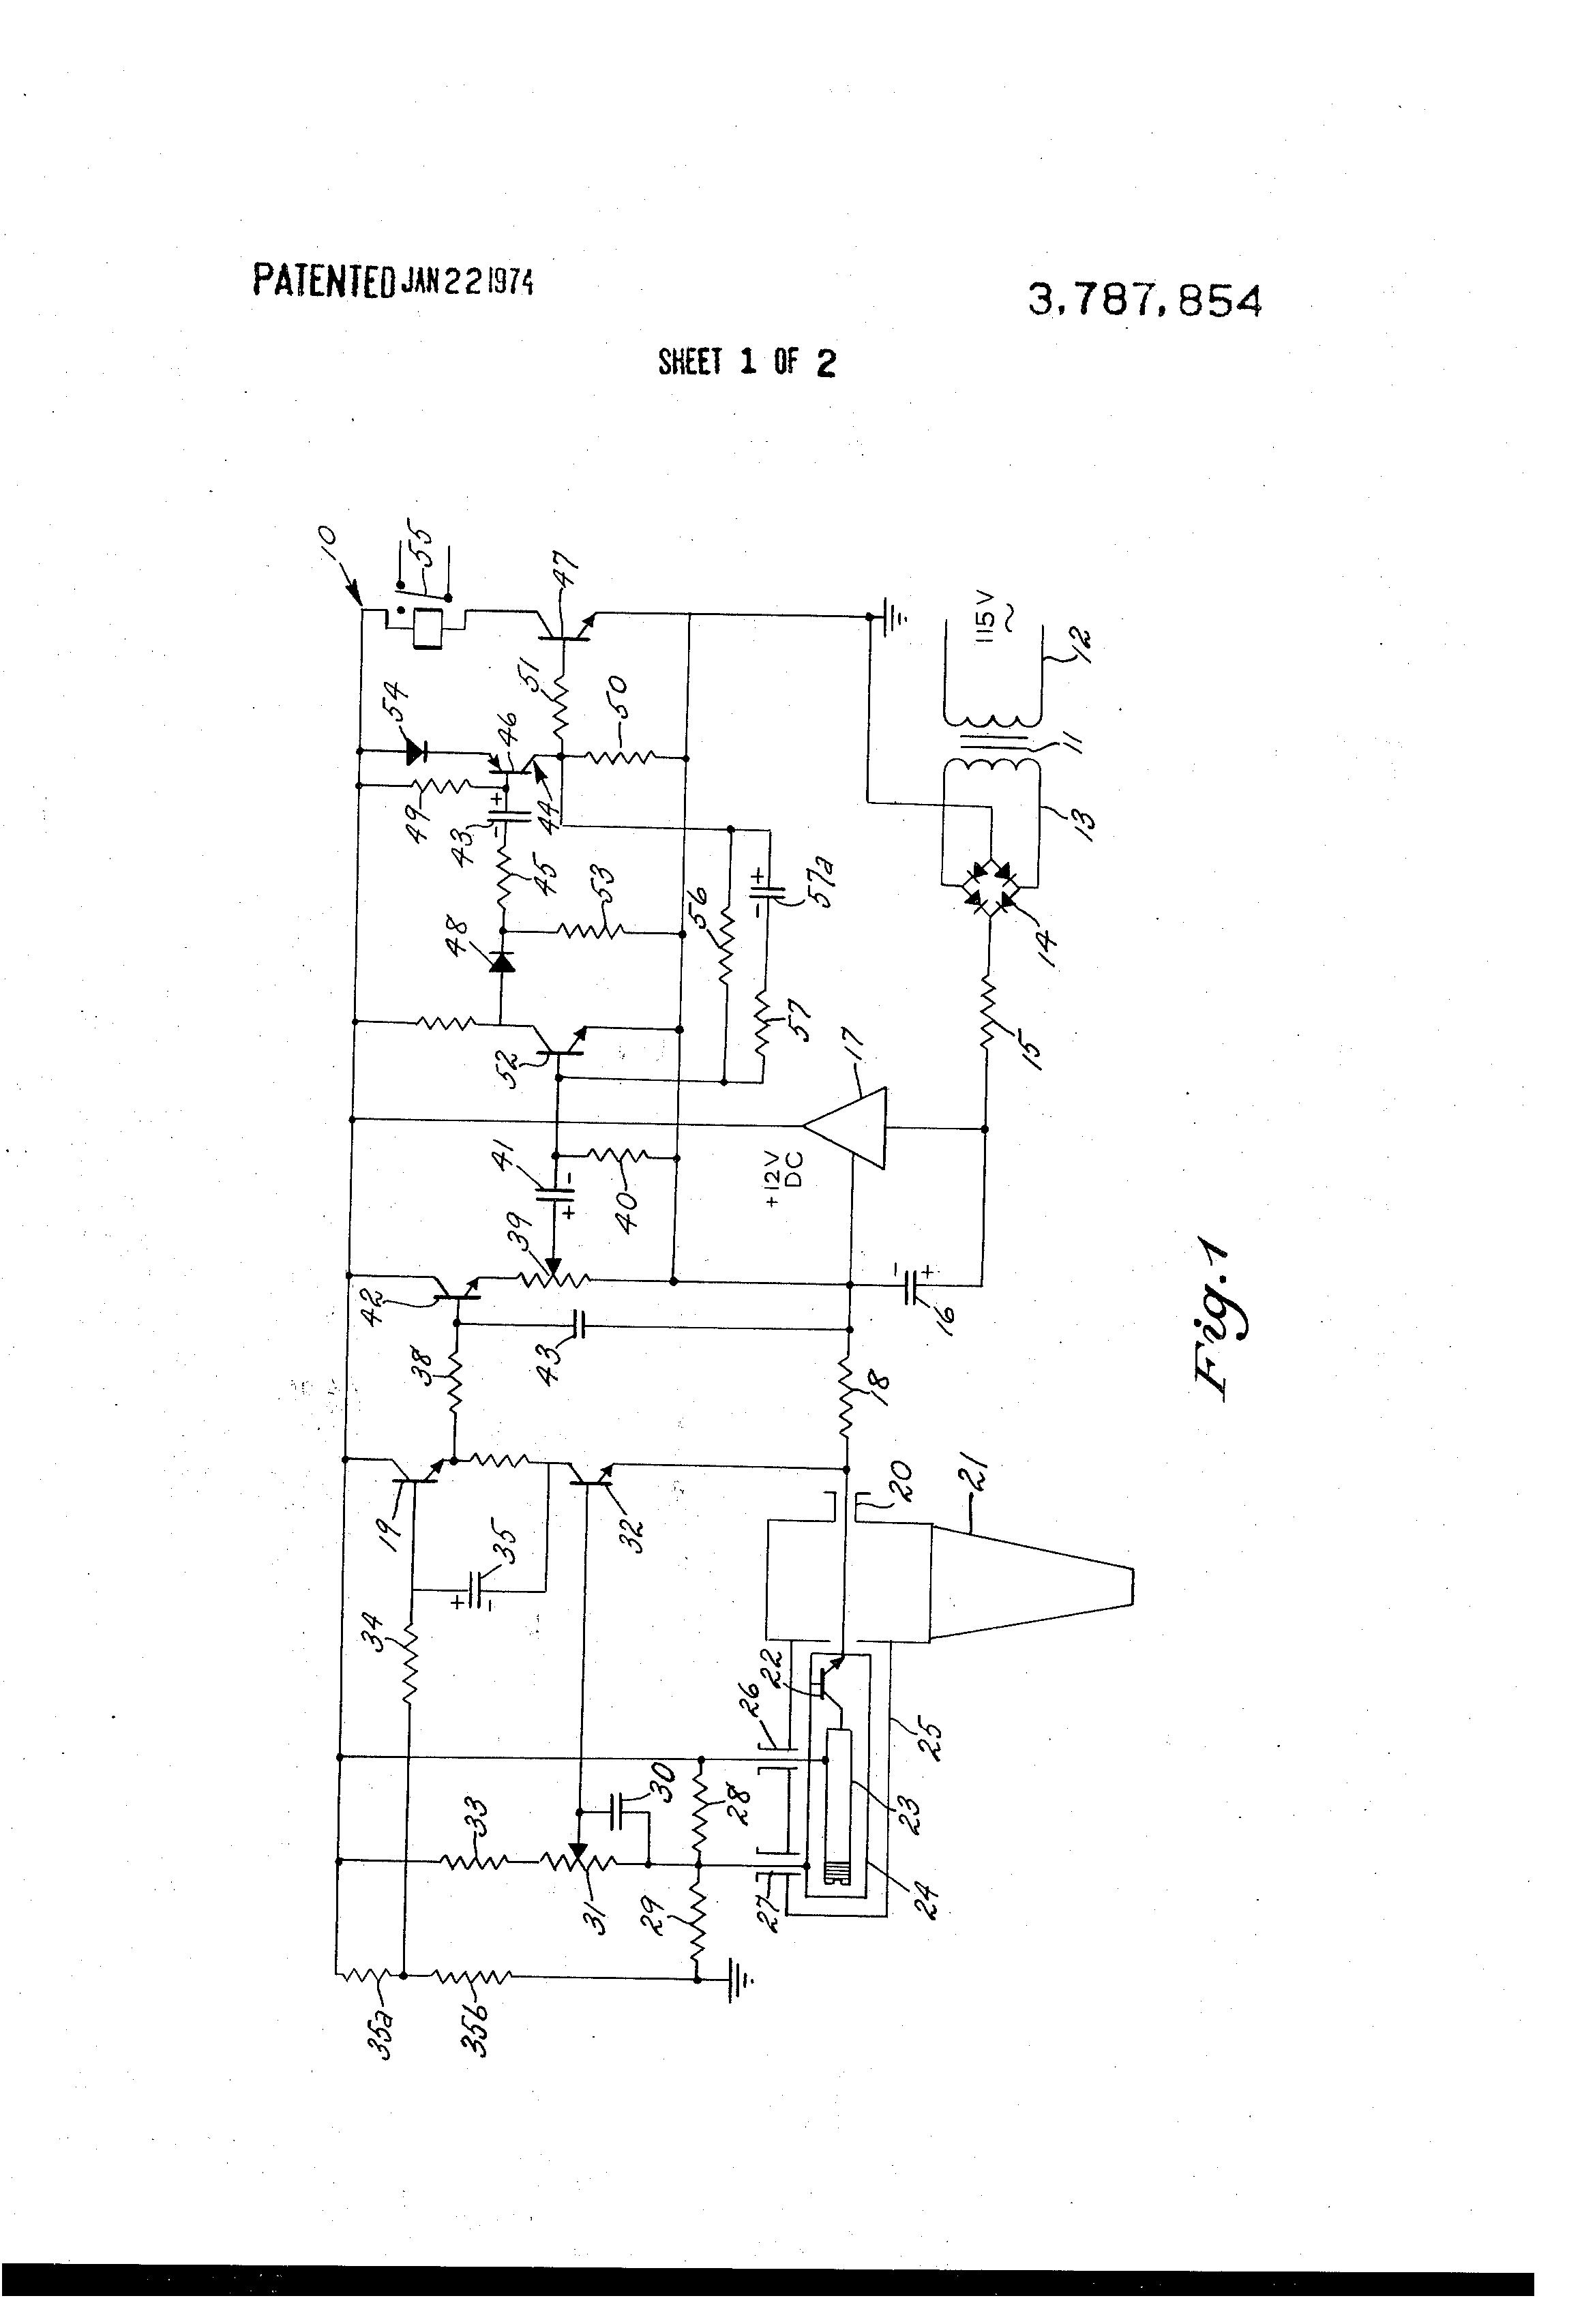 Brevet US3787854 - Noise cancelling self mixing doppler